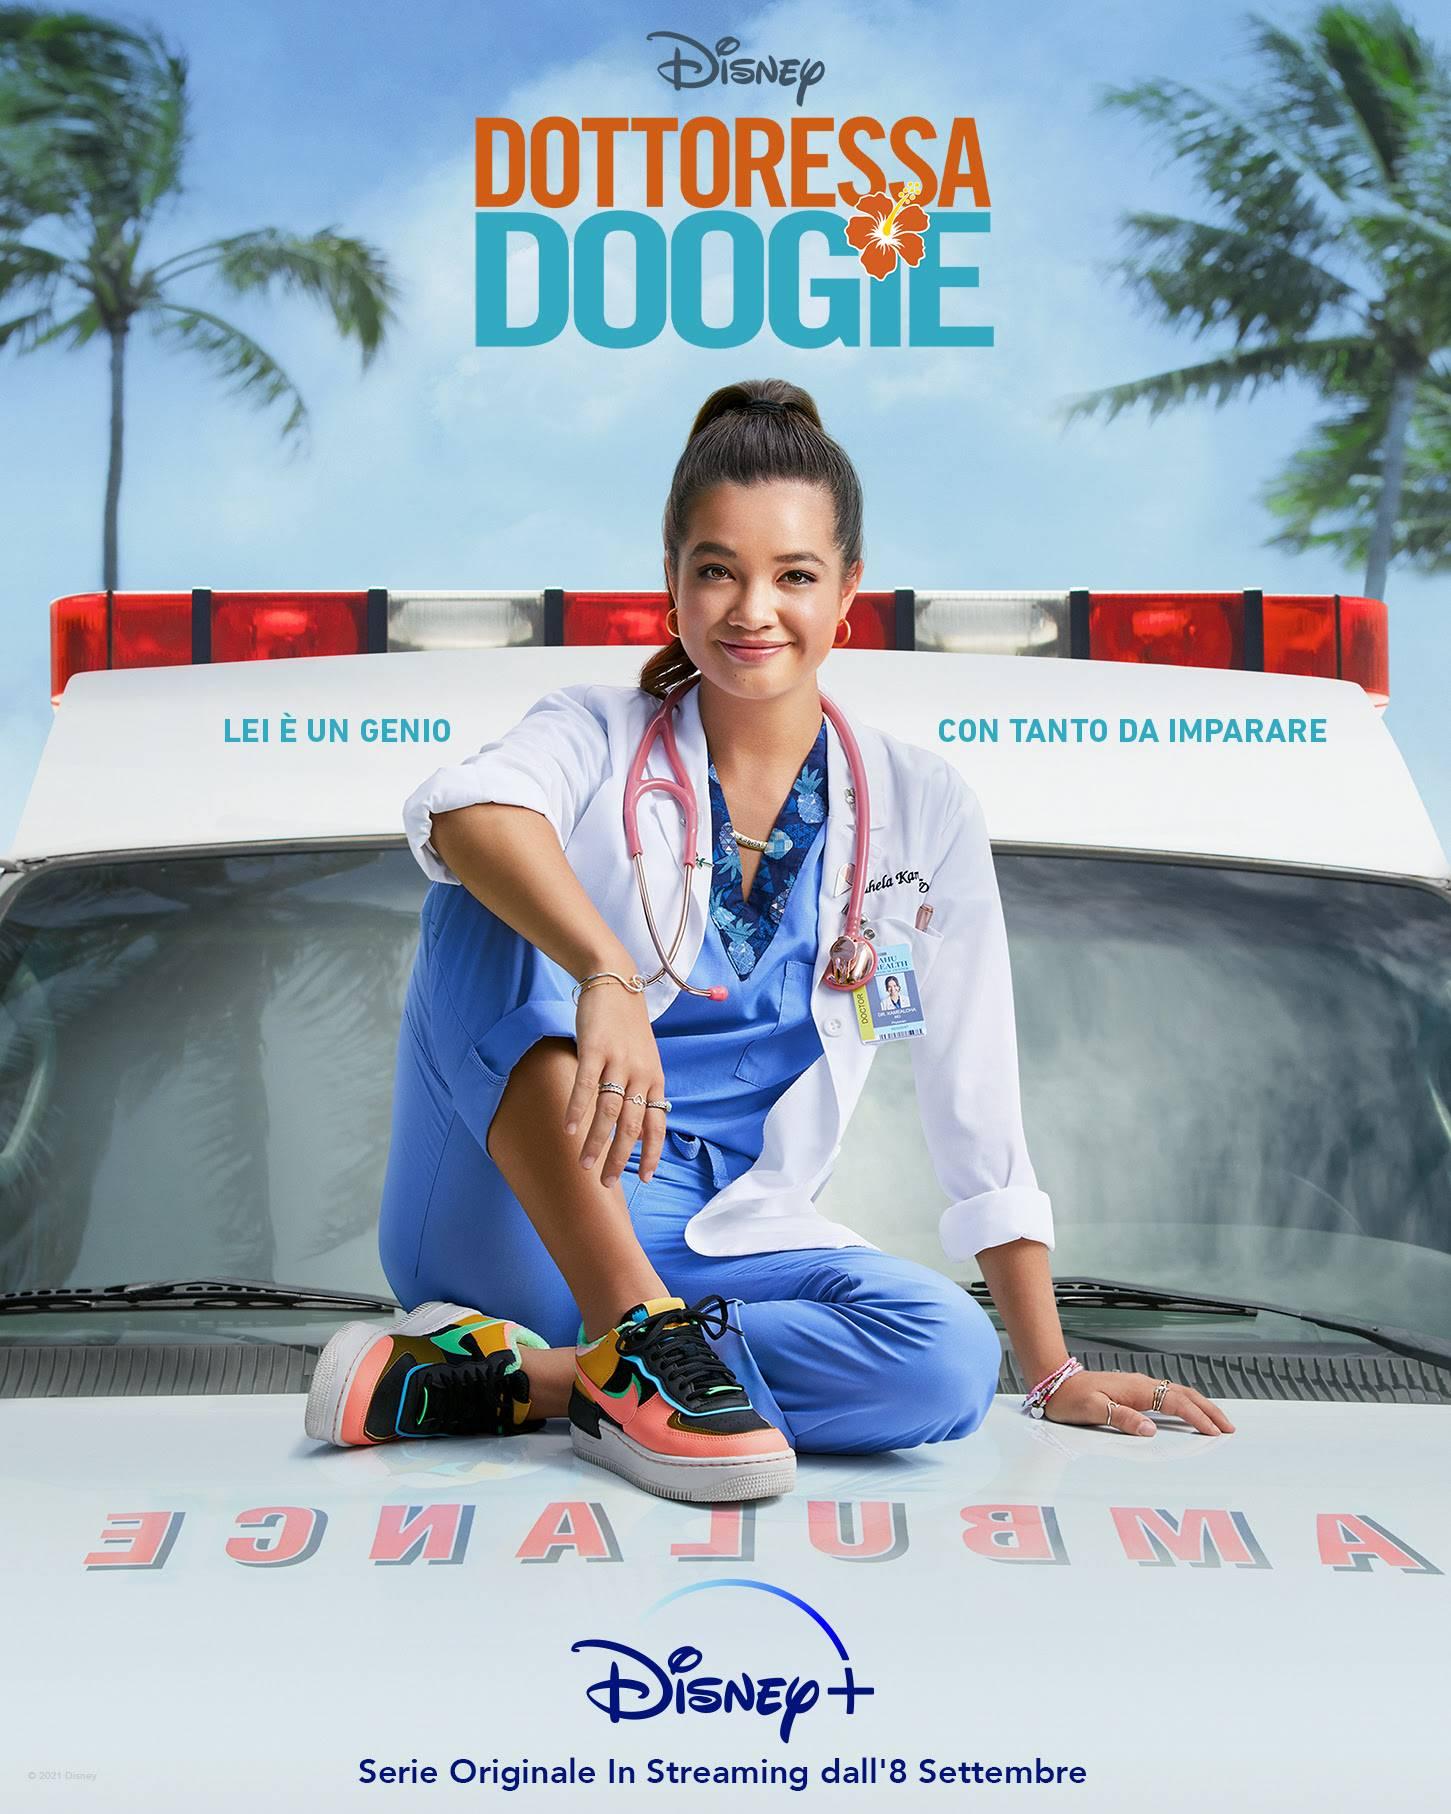 DISNEY+   DOTTORESSA DOOGIE IN ESCLUSIVA DALL'8 SETTEMBRE